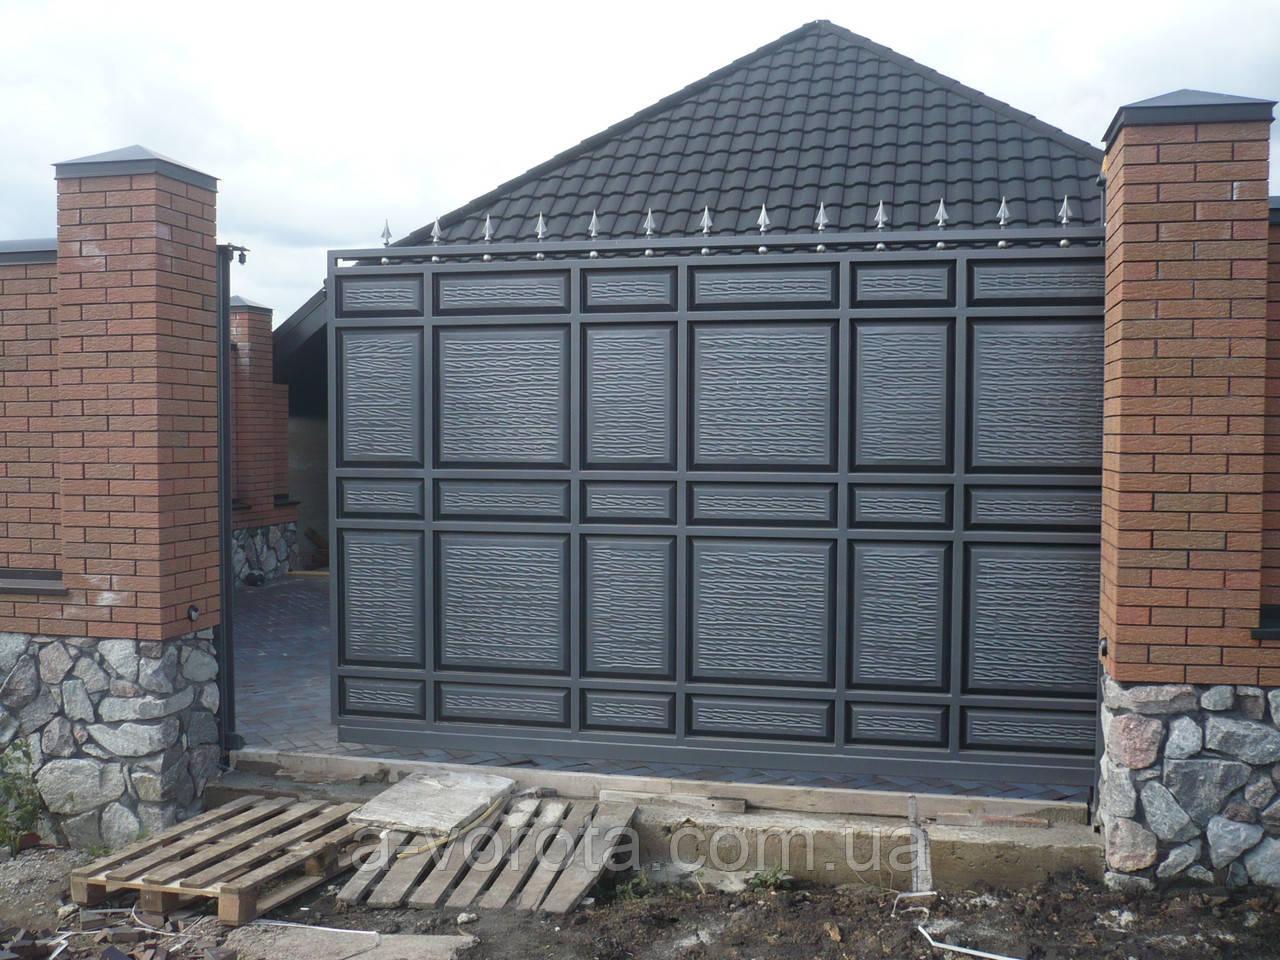 Откатные металлические ворота Филёнка ш3000 в2200 (дизайн филёнка-жатка с узким полем+шарики и пики)